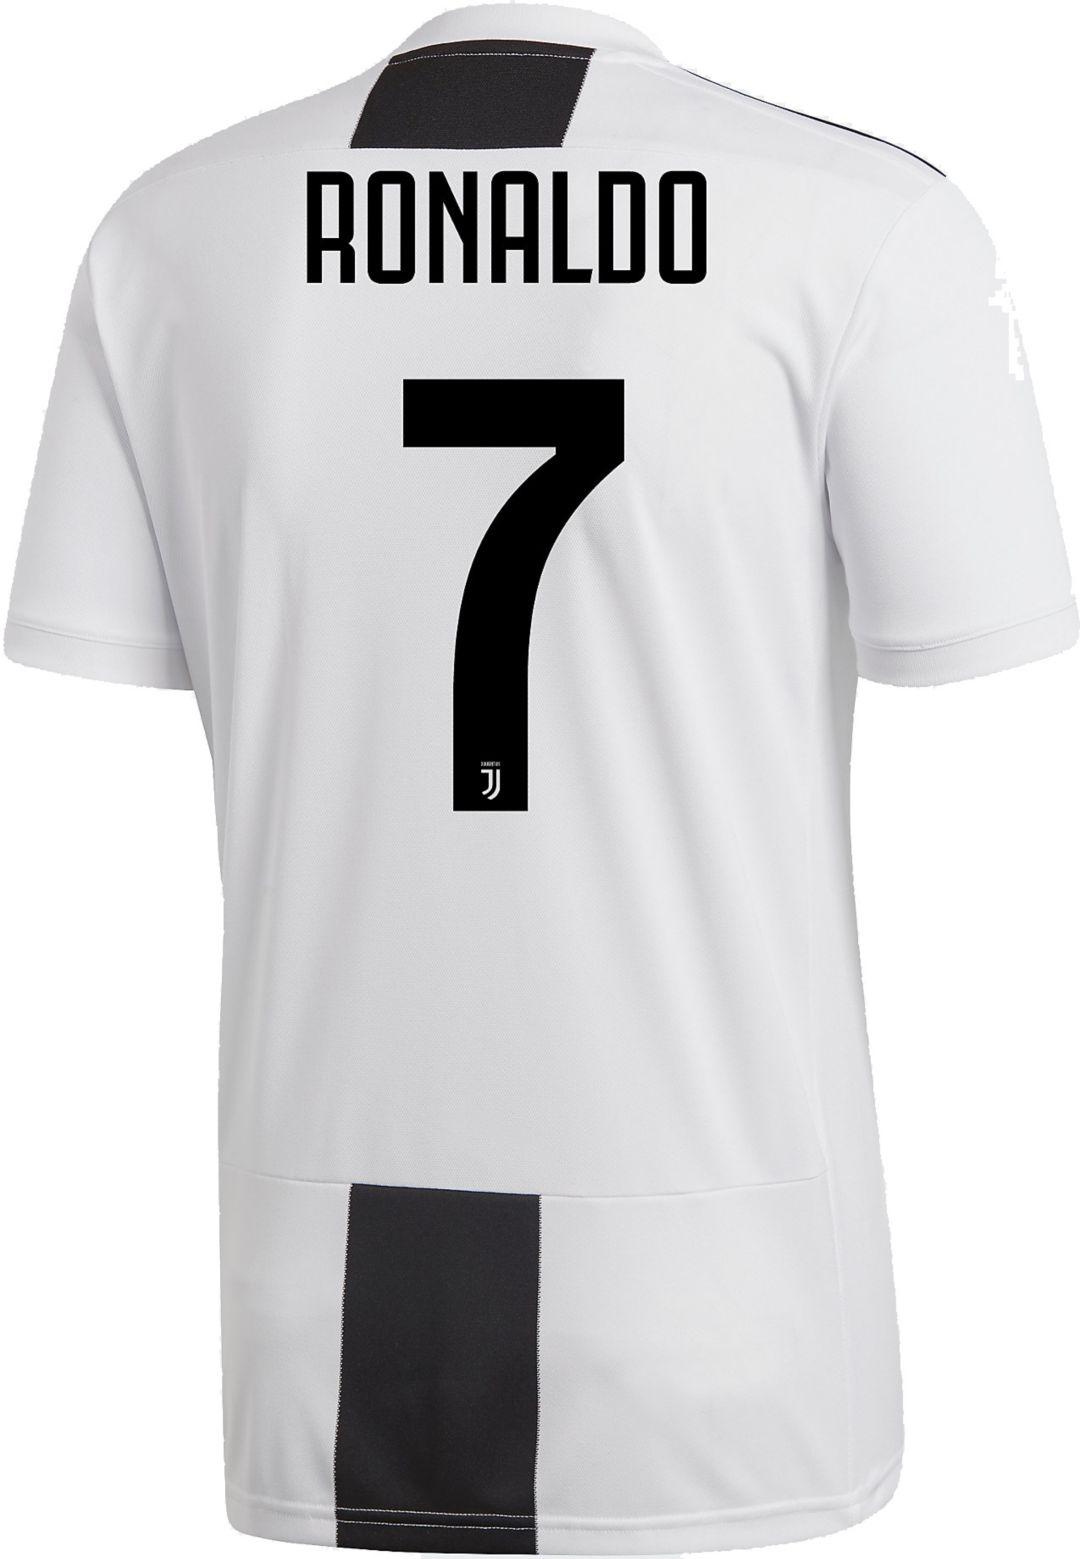 newest 40a05 052fe adidas Men's Juventus Cristiano Ronaldo #7 Stadium Home Replica Jersey